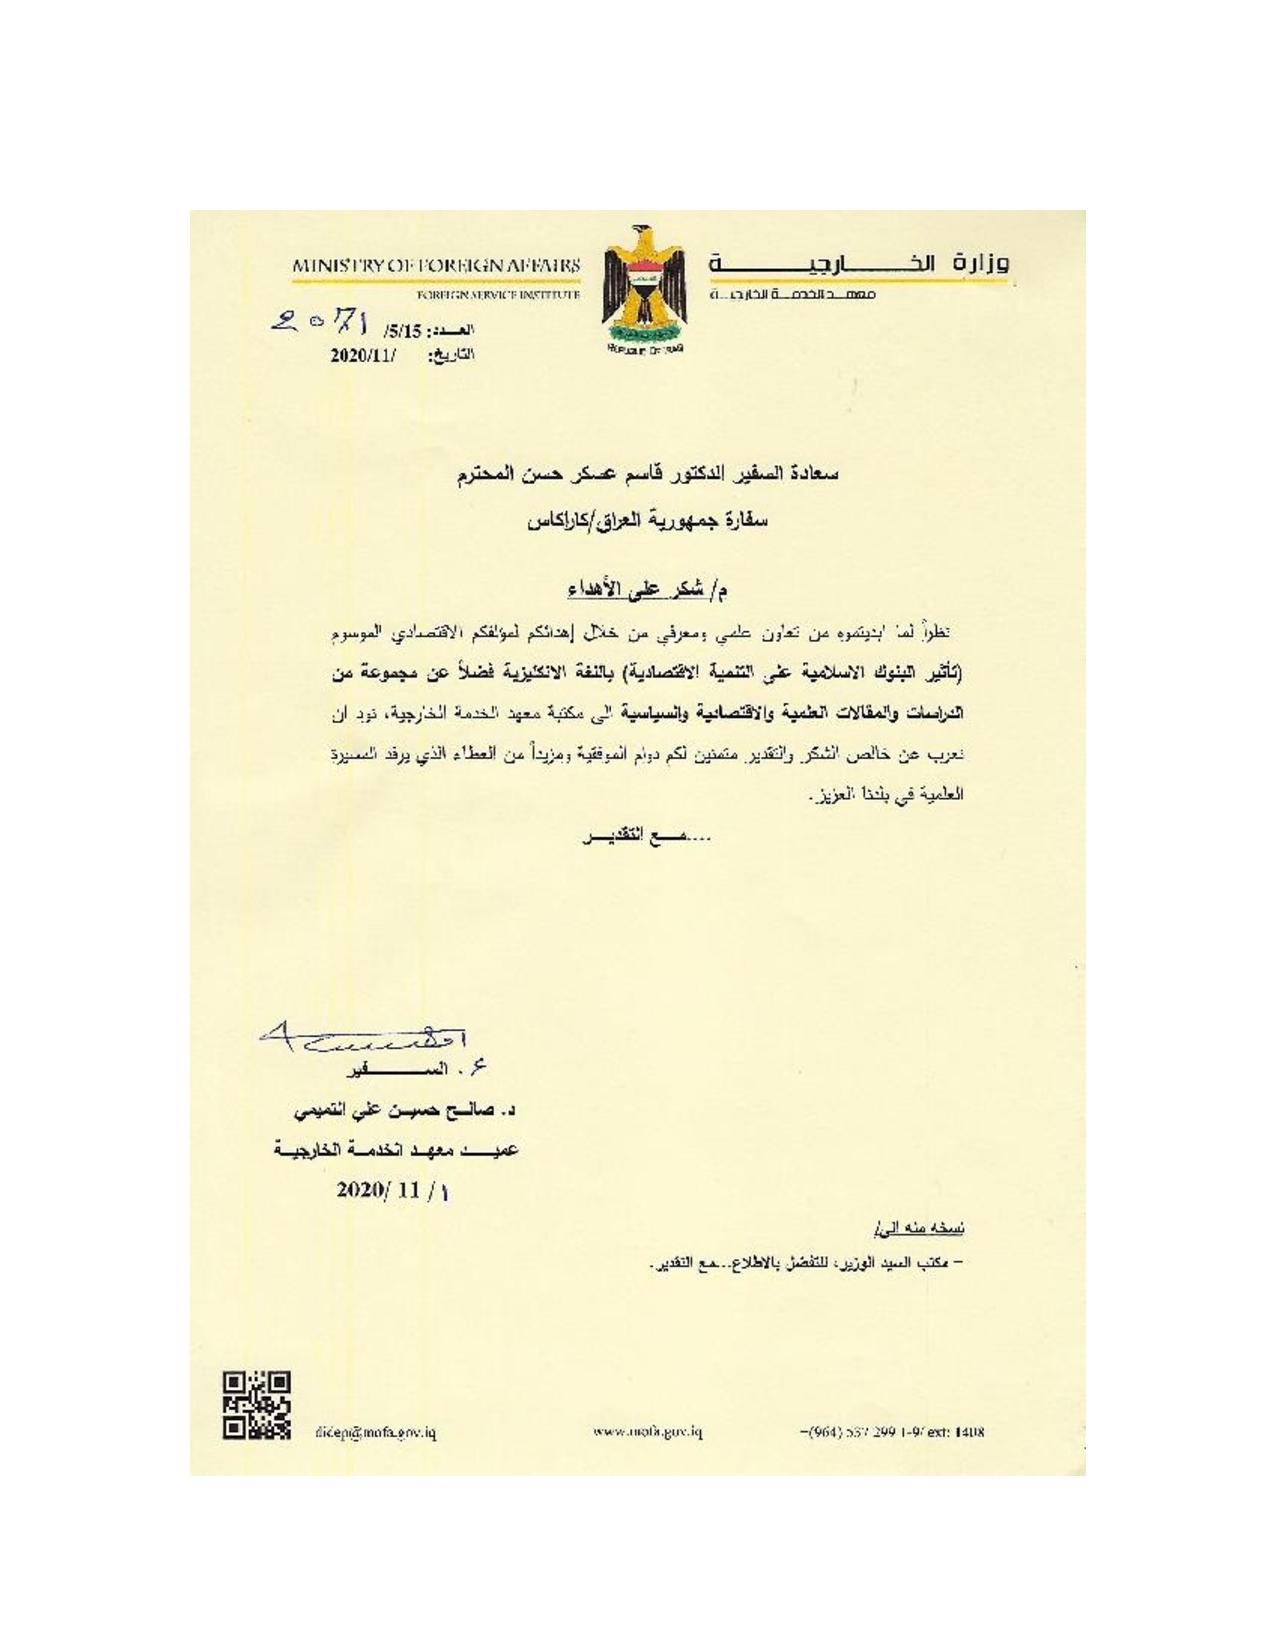 Instituto del Servicio Exterior de la República de Iraq felicita al Embajador Kasim Asker Hasan por su aporte a la Economía